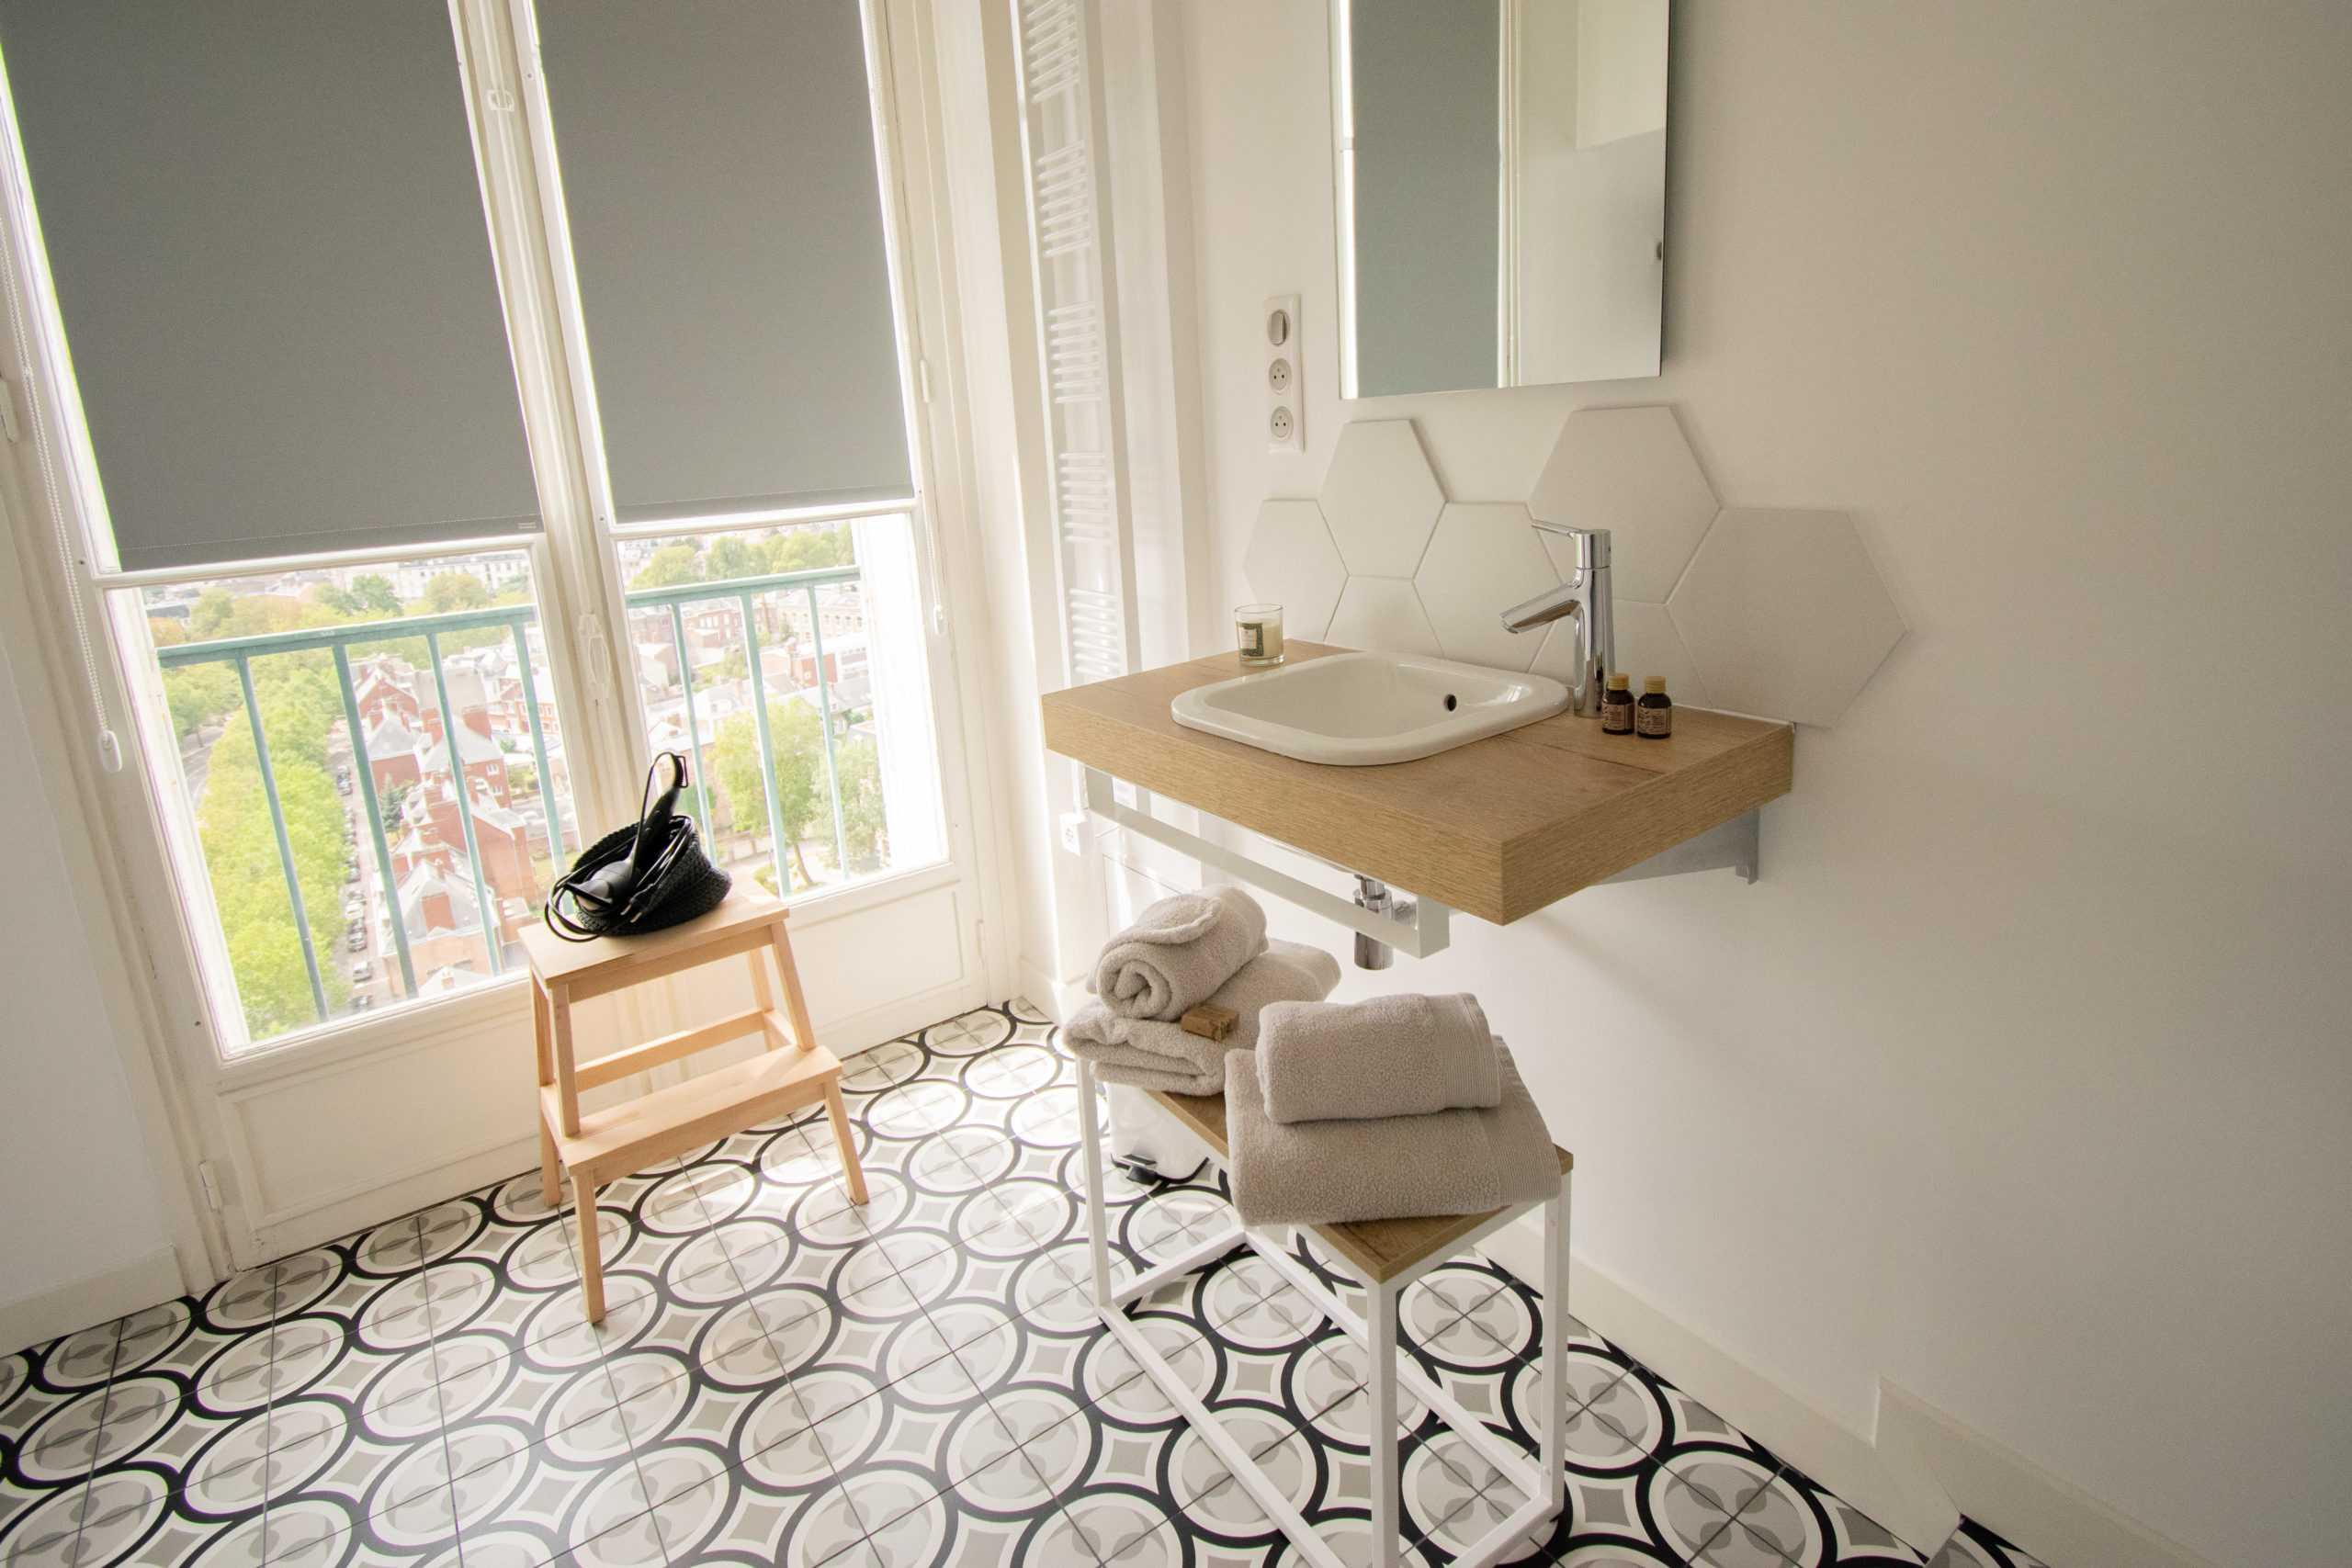 appartement_15eme_droite_tour_perret_amiens_tourisme_salle_de_bain_scandinave_2